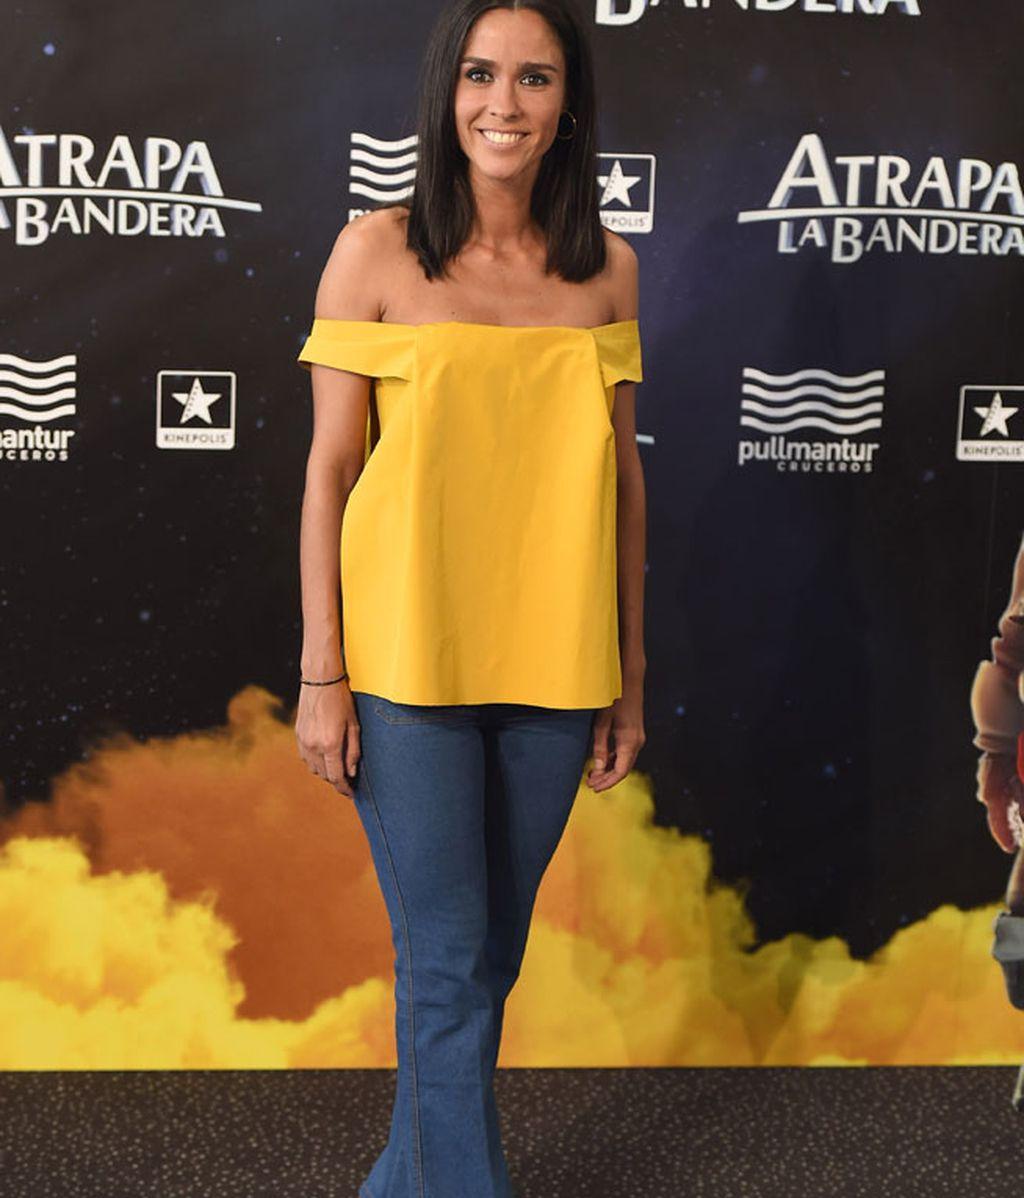 El escote amarillo y de corte 'bardot' de Alba Lago